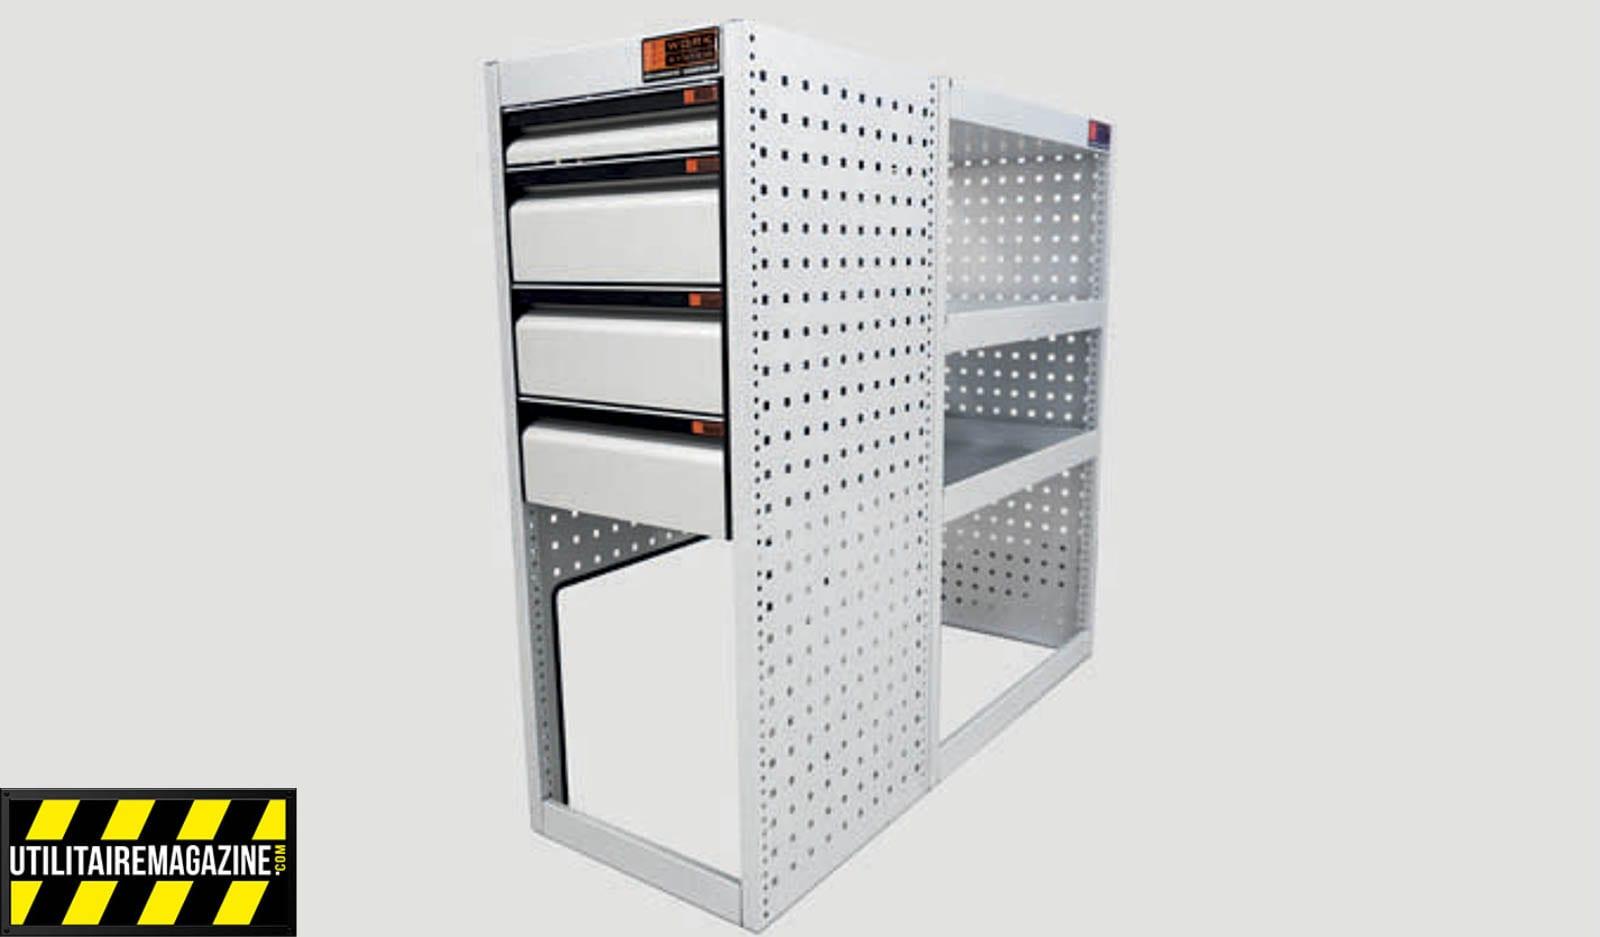 Ce meuble offre une partie rangement accessible directement par la porte latérale coulissante